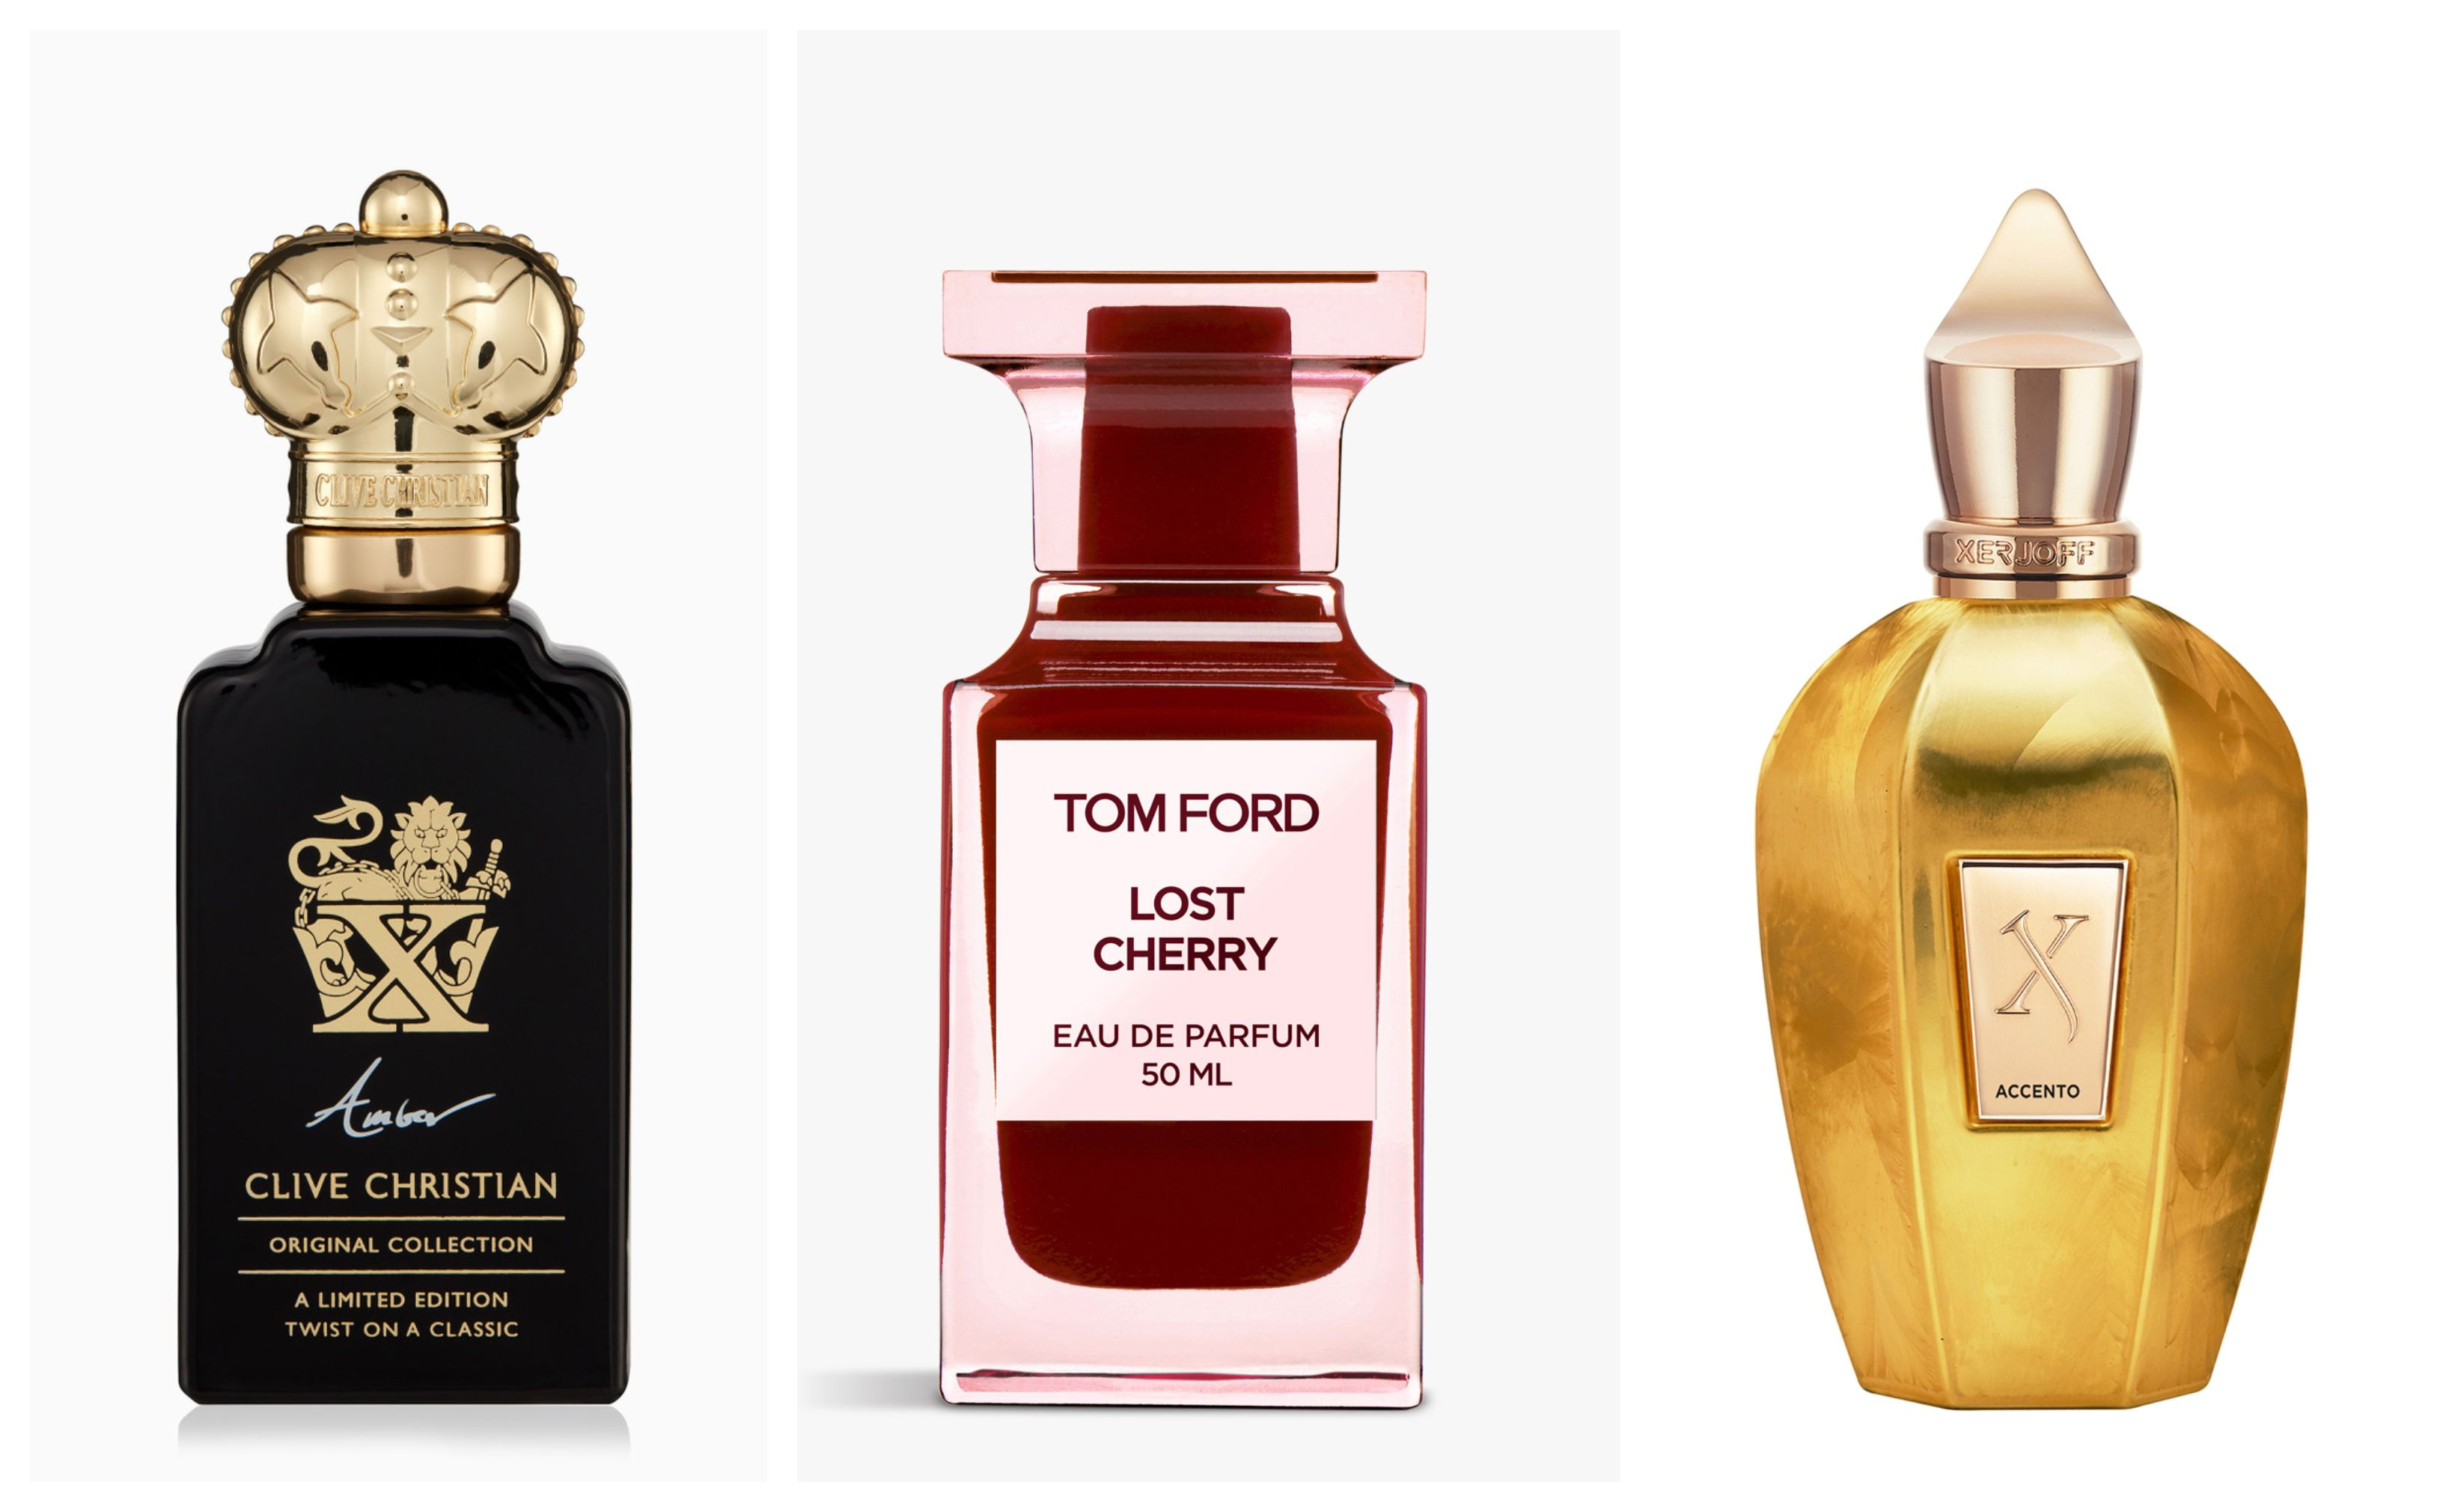 Bočice mirisa, luksuza i strasti: Parfemi stvoreni za svačiji ukus i džep